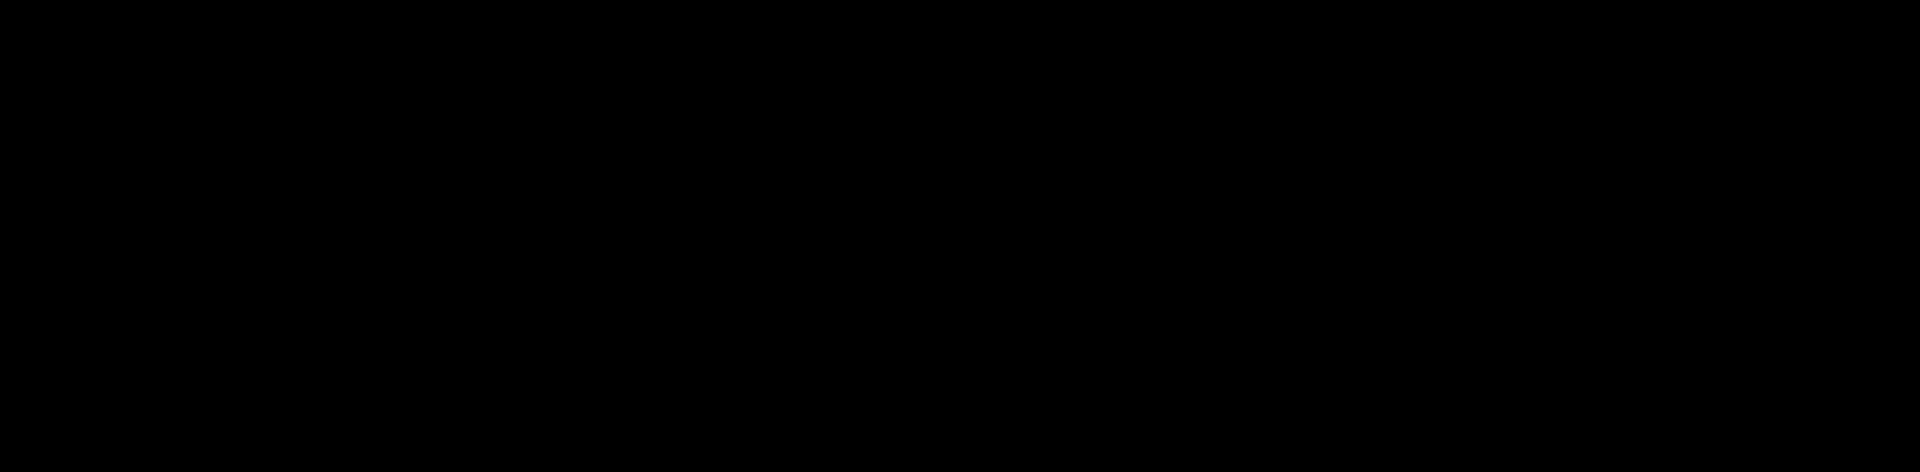 Selbetti